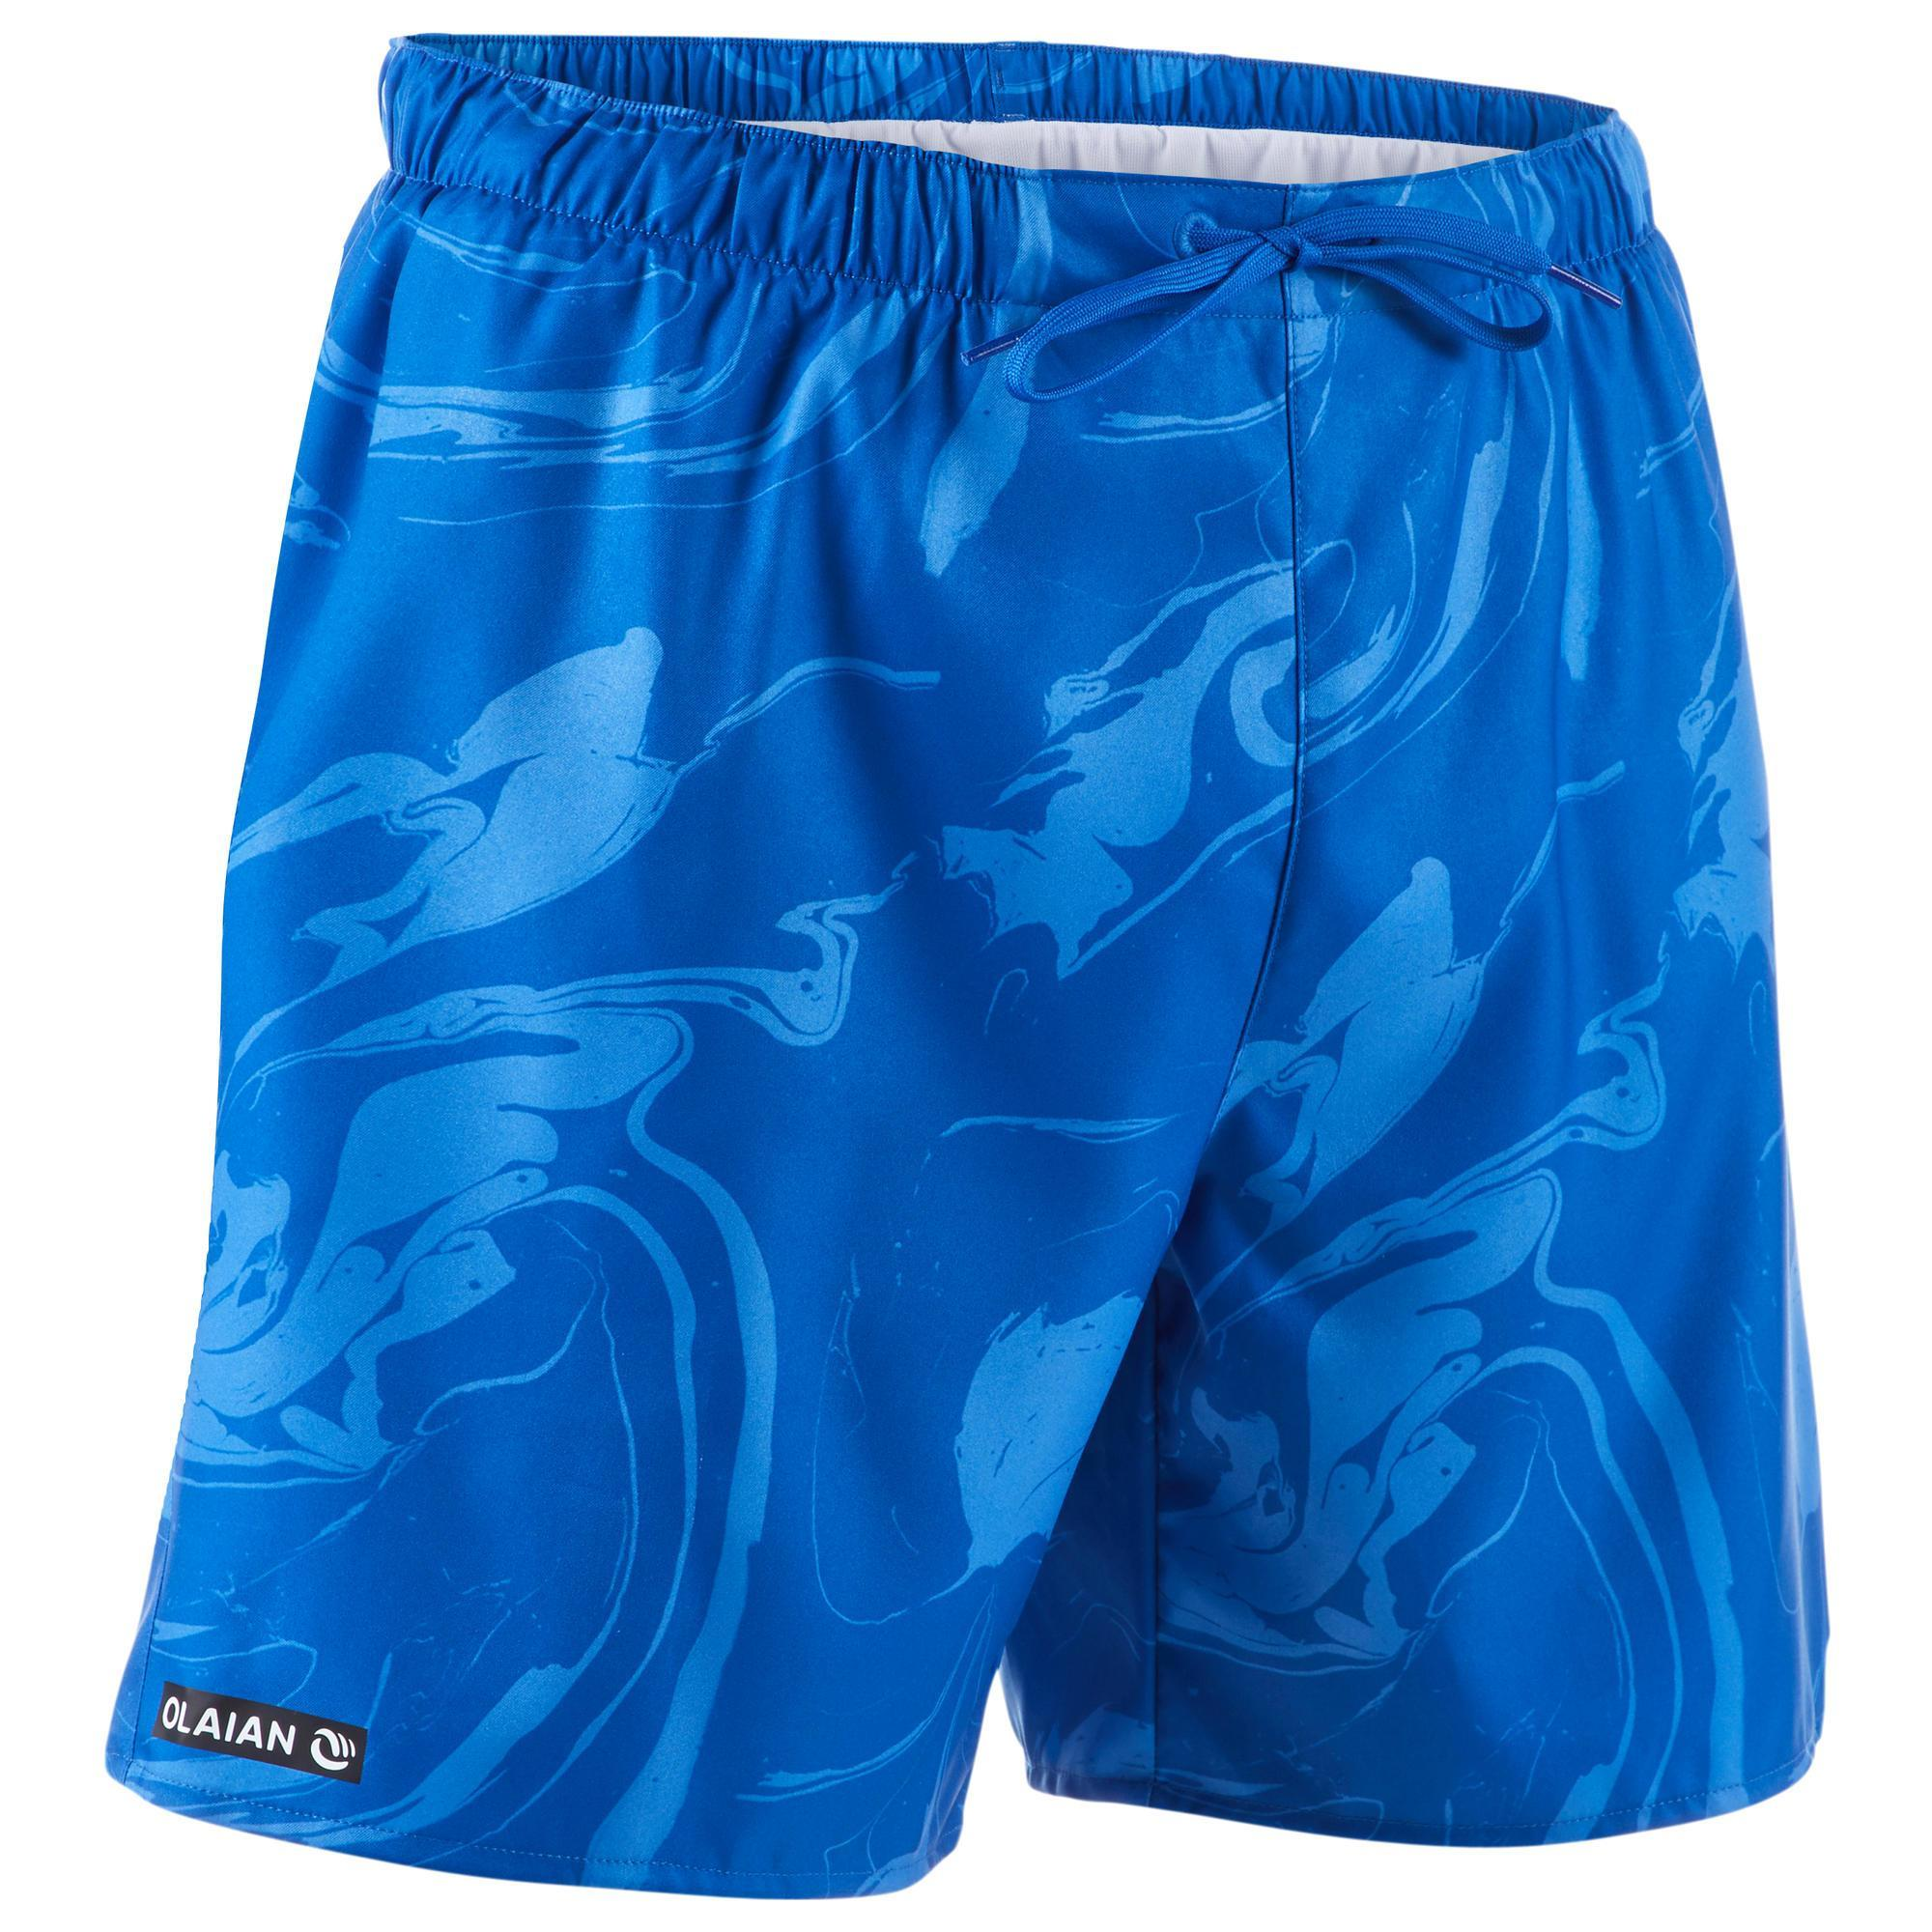 Kurze Boardshorts Surfen 100 Aqua blau   Bekleidung > Bademode > Boardshorts   Blau   Olaian